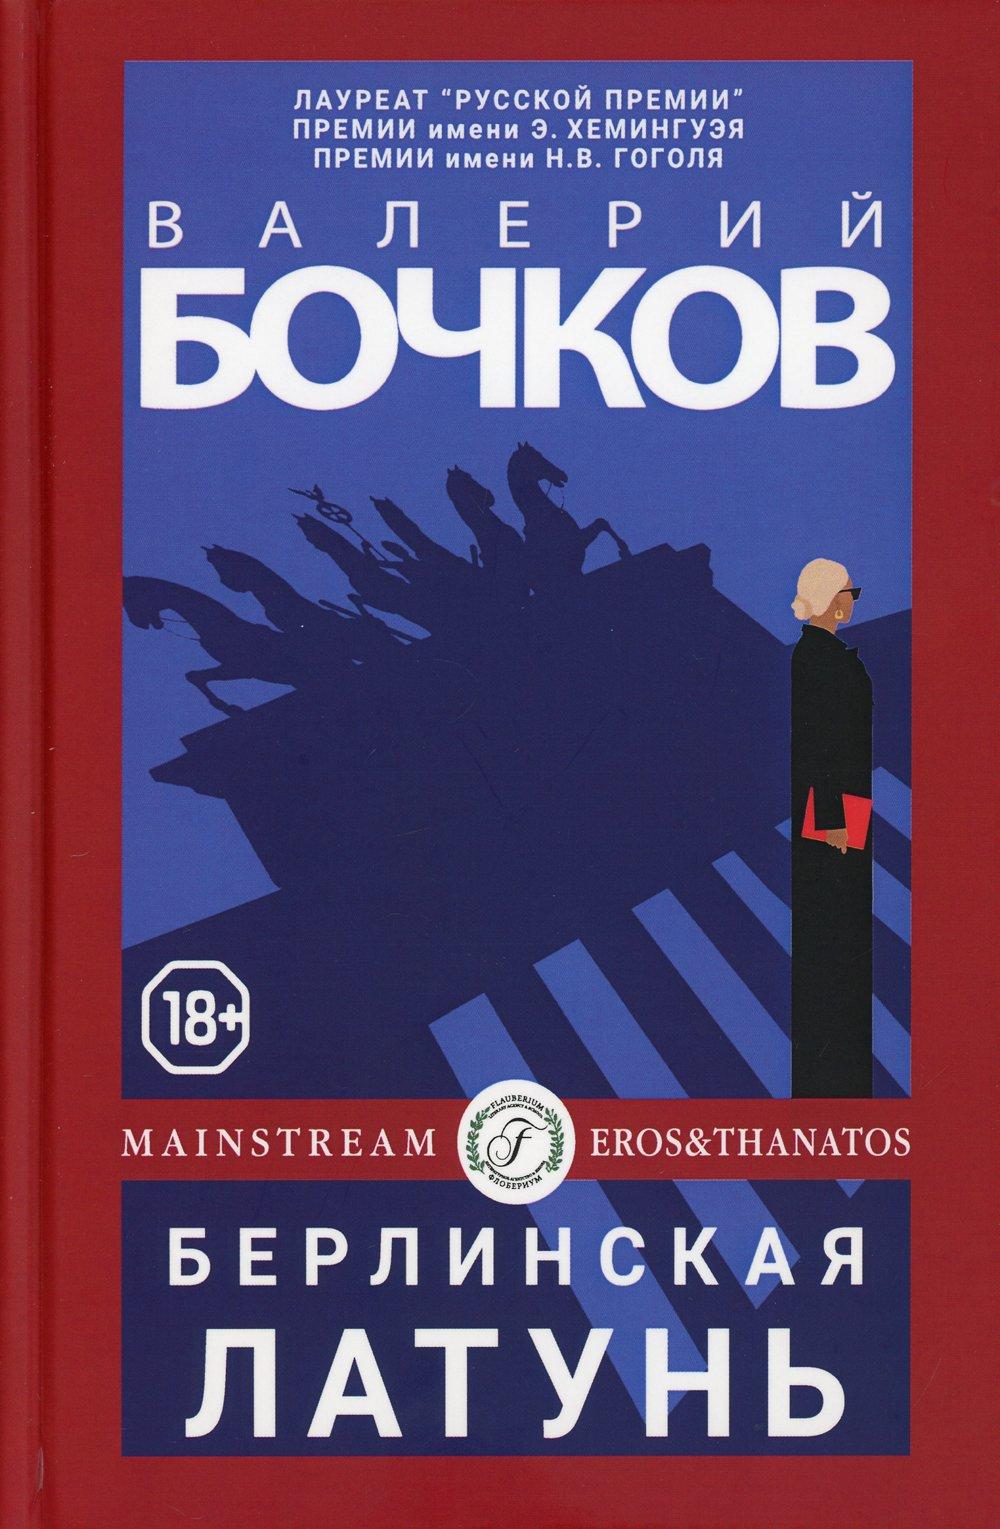 Бочков Валерий Борисович Берлинская латунь